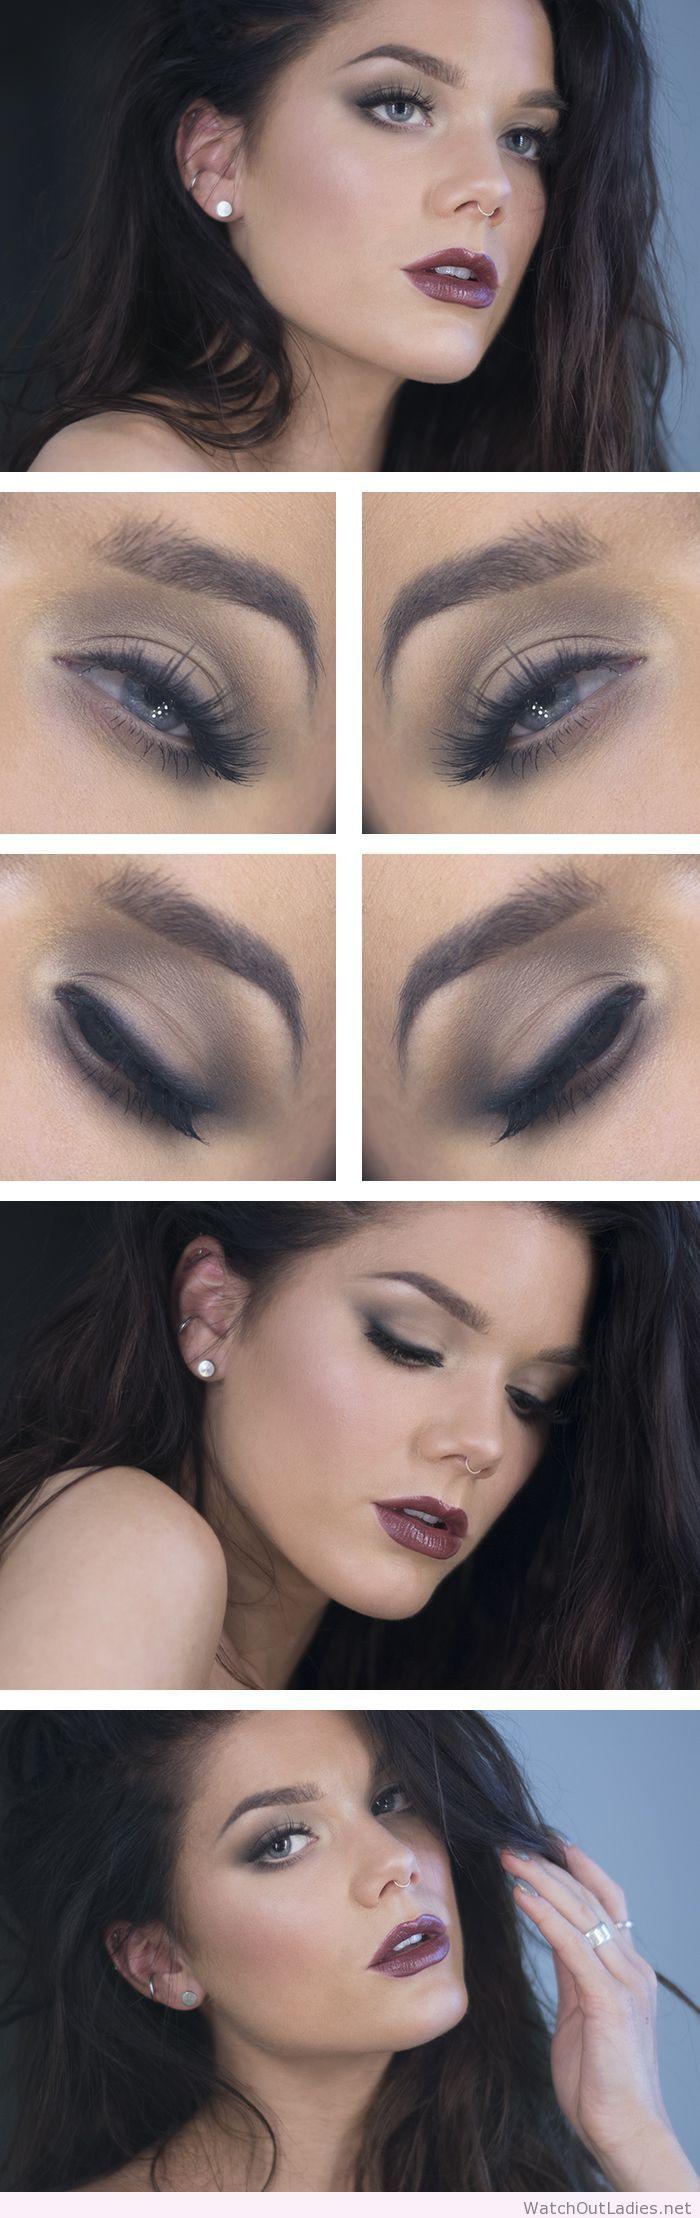 Linda Hallberg simple eye makeup and dark lips